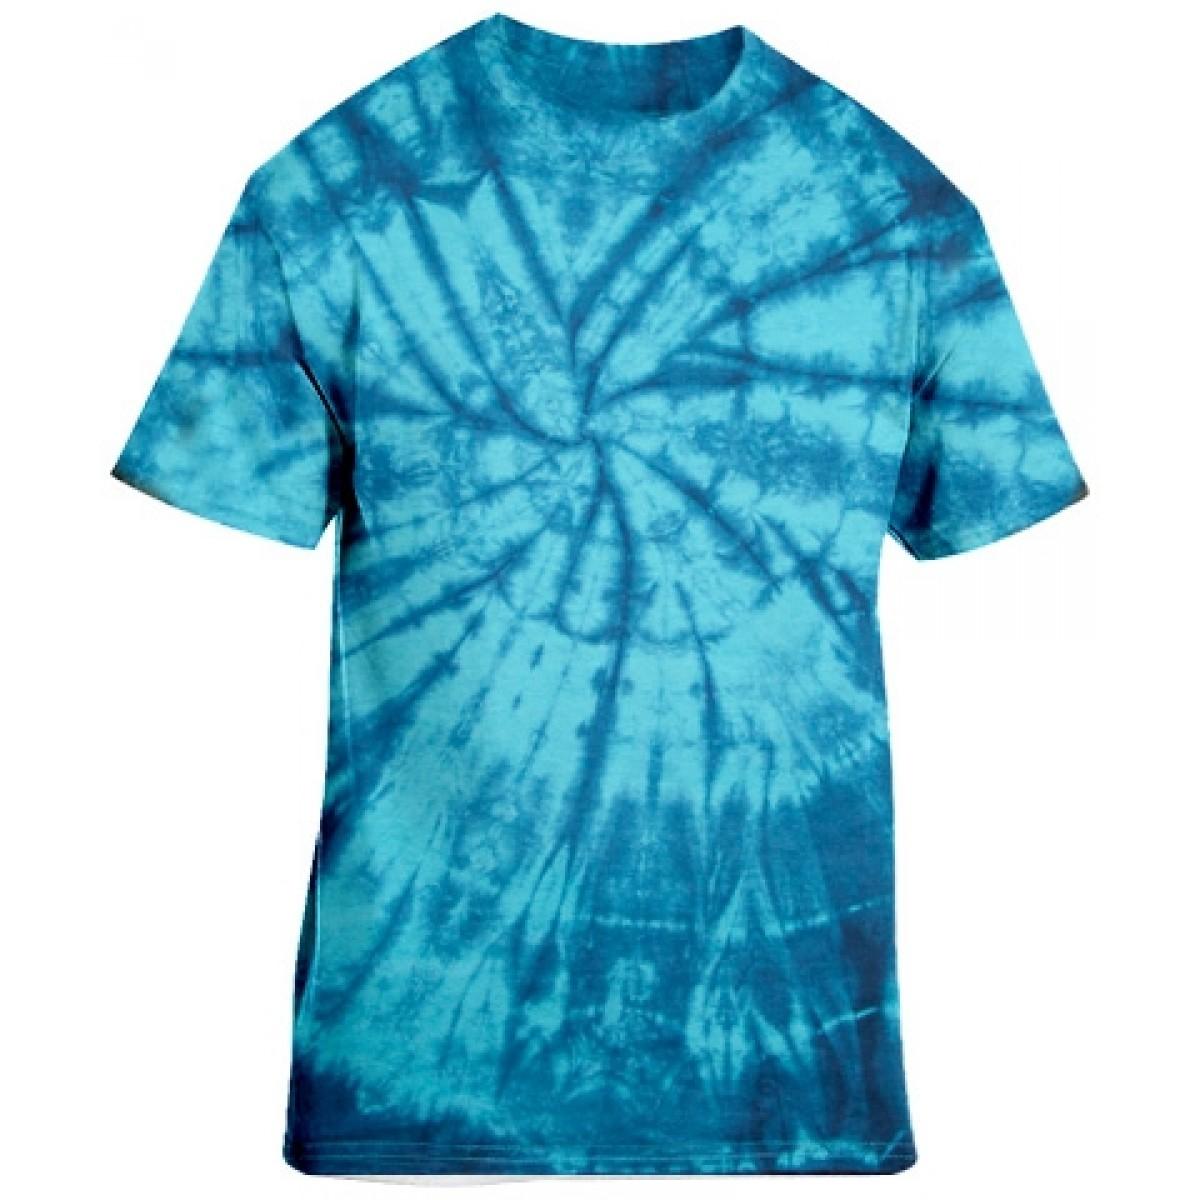 Tie-Dye Blue Short Sleeve-Blue-S